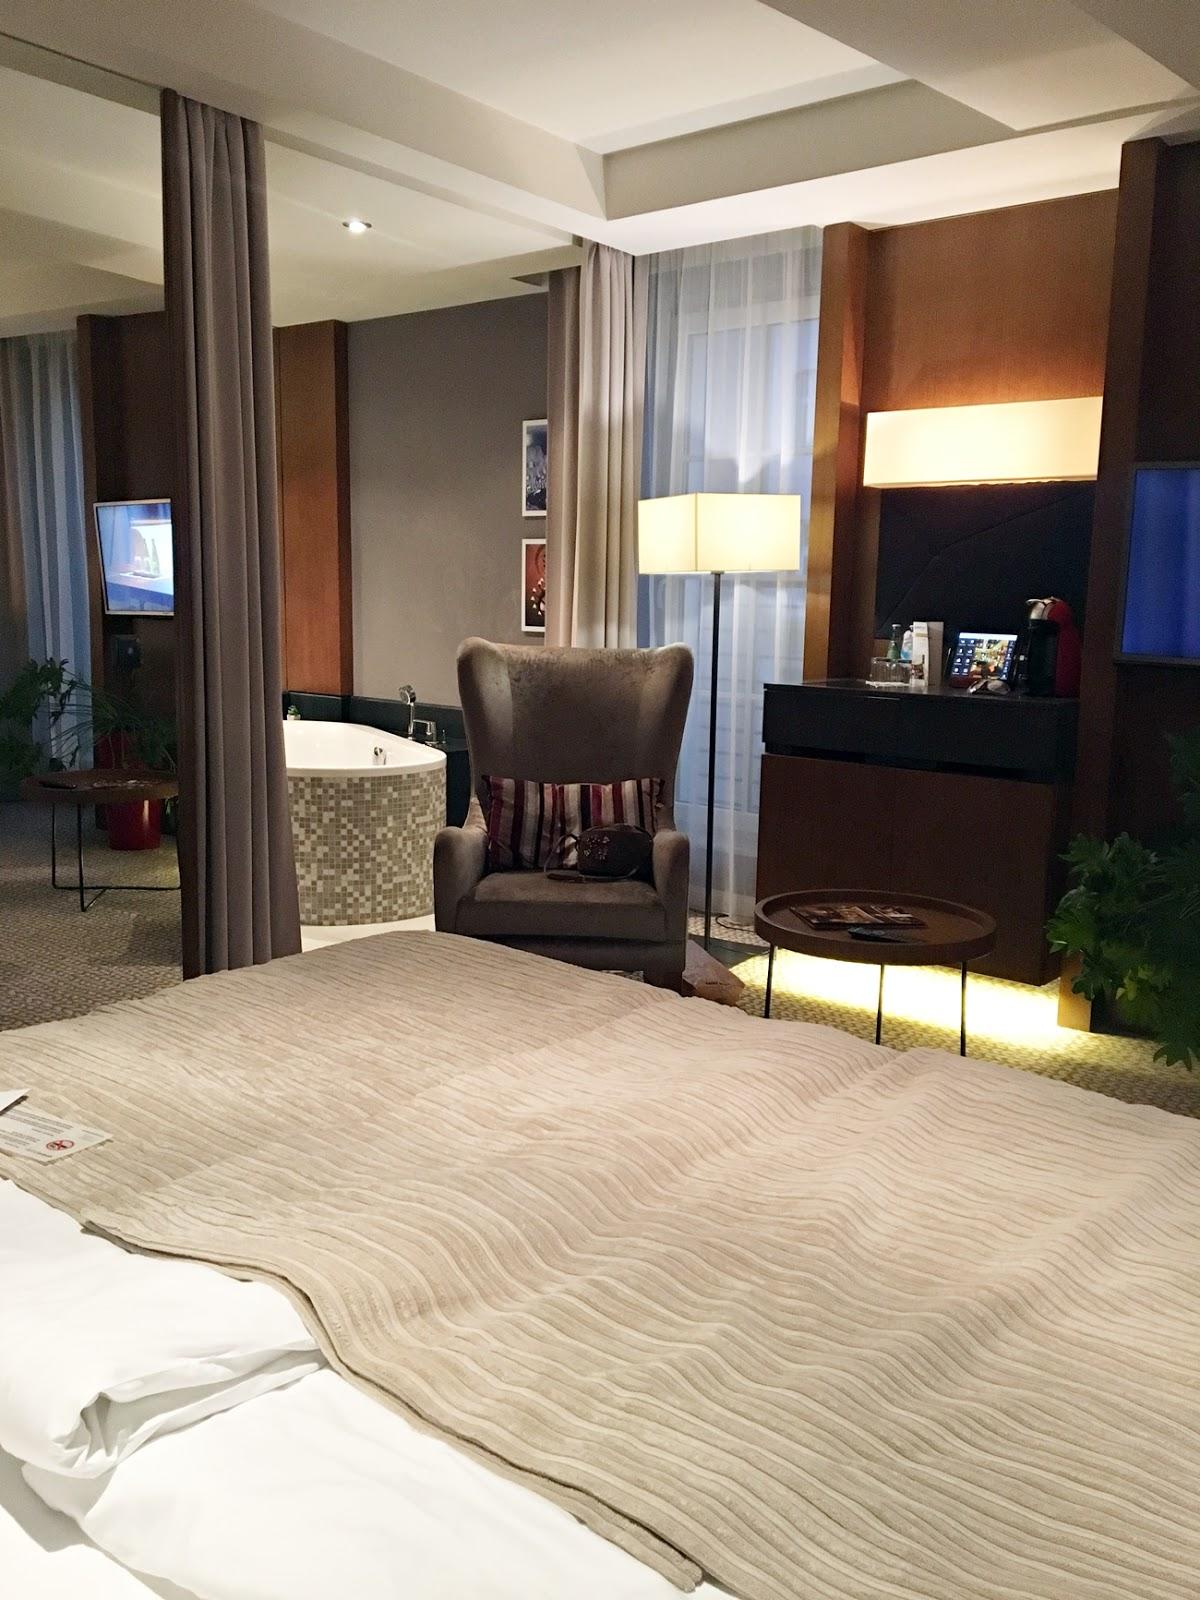 Grand Hotel Boutique pokój deluxe